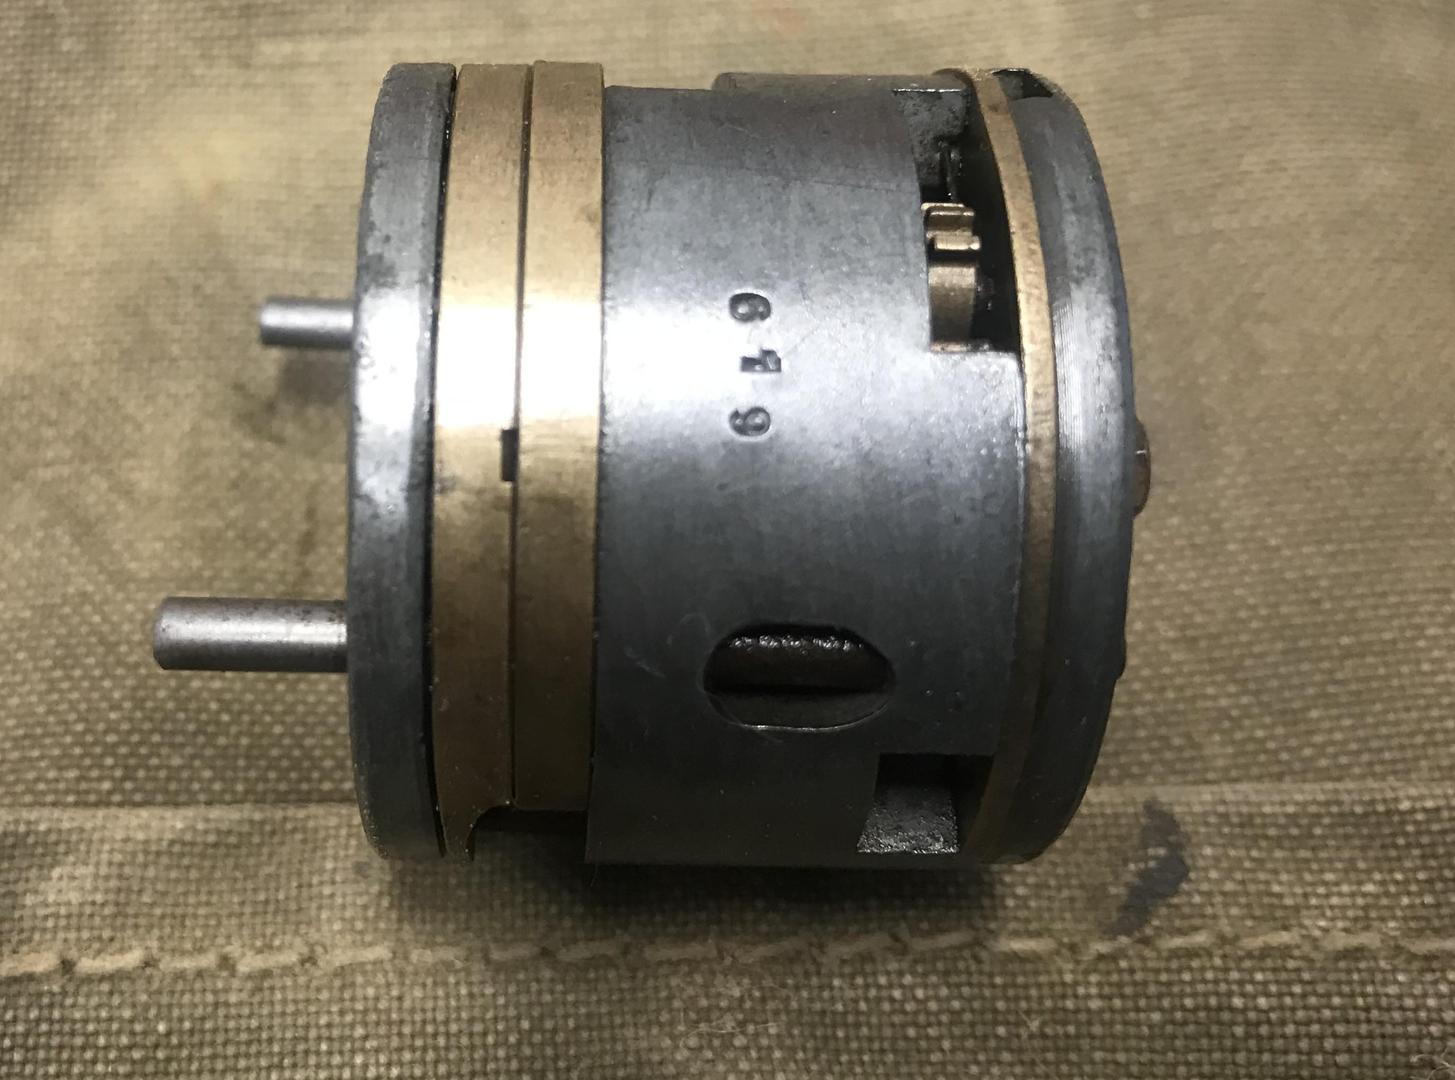 ww2 German Bomb Fuze for sale